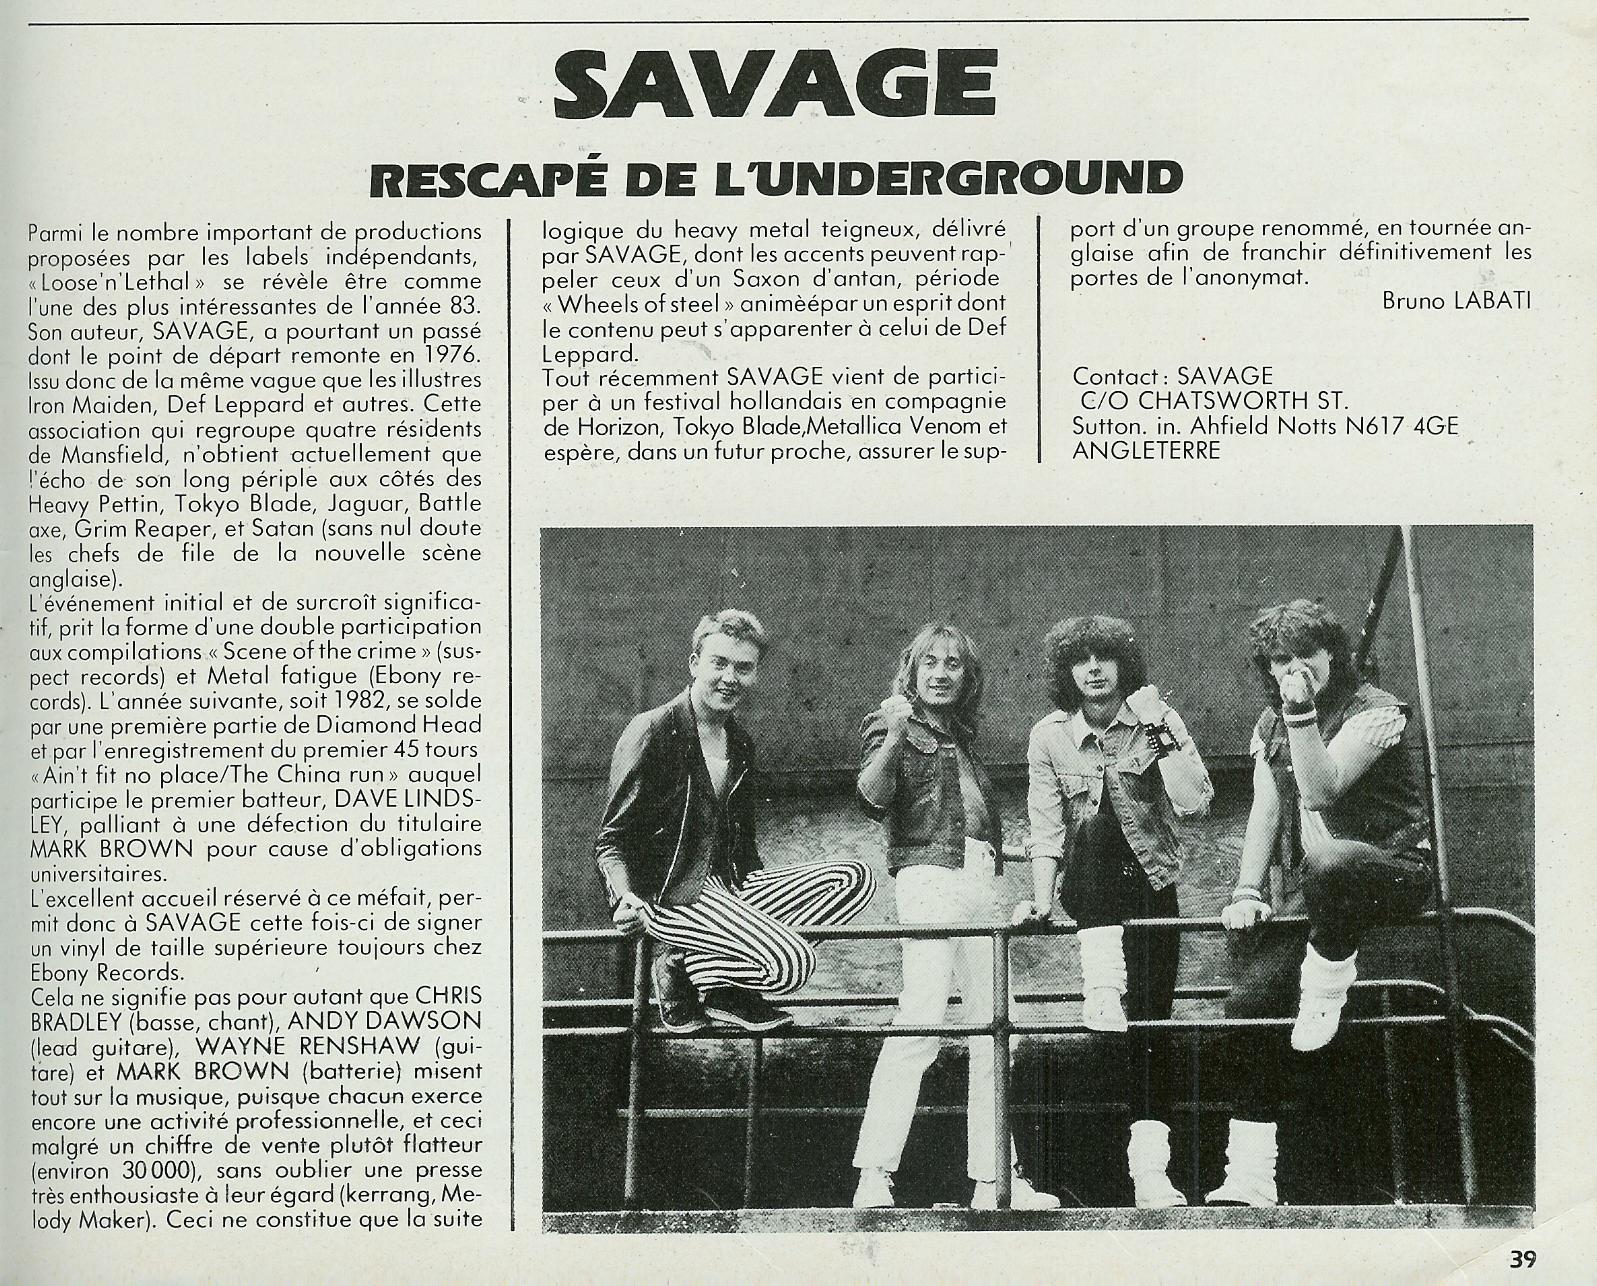 SAVAGE Loose 'N Lethal (1983) Heavy Metal ANGLETERRE Scan0019